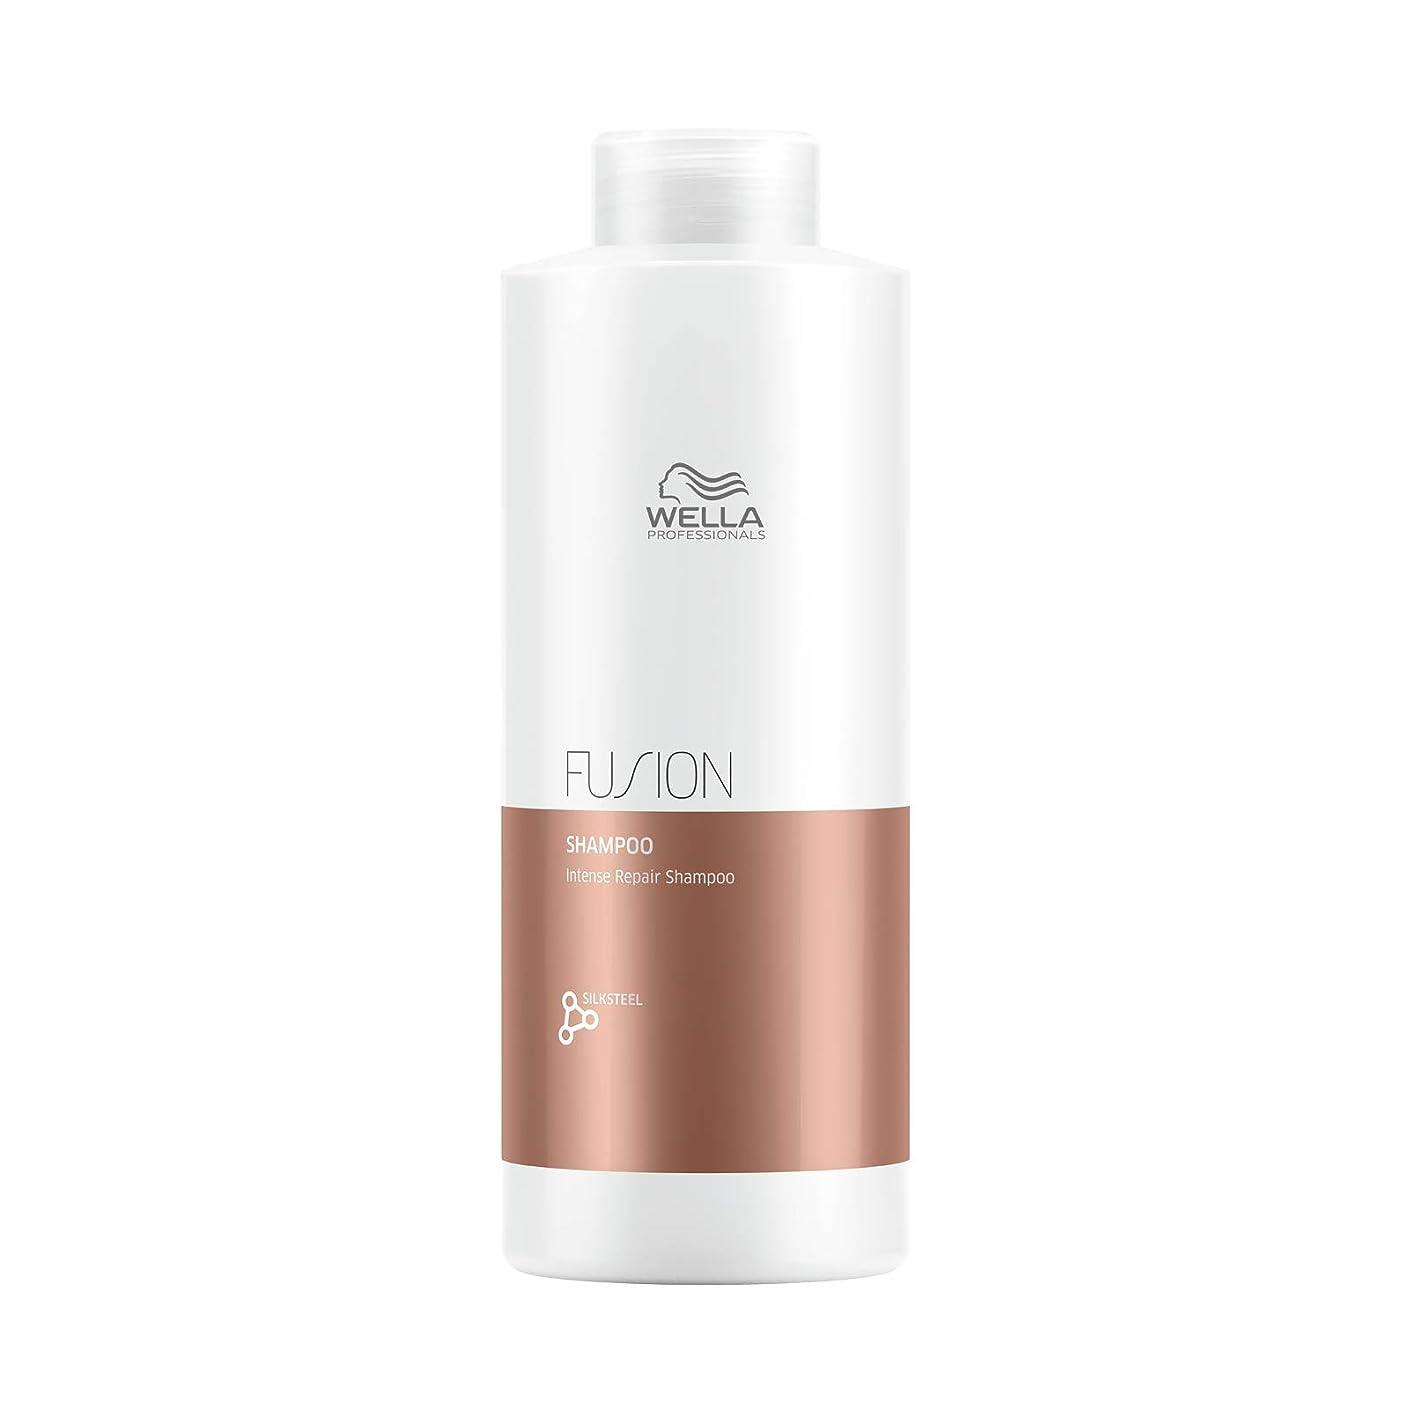 重要な入るジャーナルWella FUSION PLEX Intense Repair Shampoo (with Sleek Steel Pin Tail Comb) (33.8 oz / 1000 ml - Liter) 141[並行輸入]